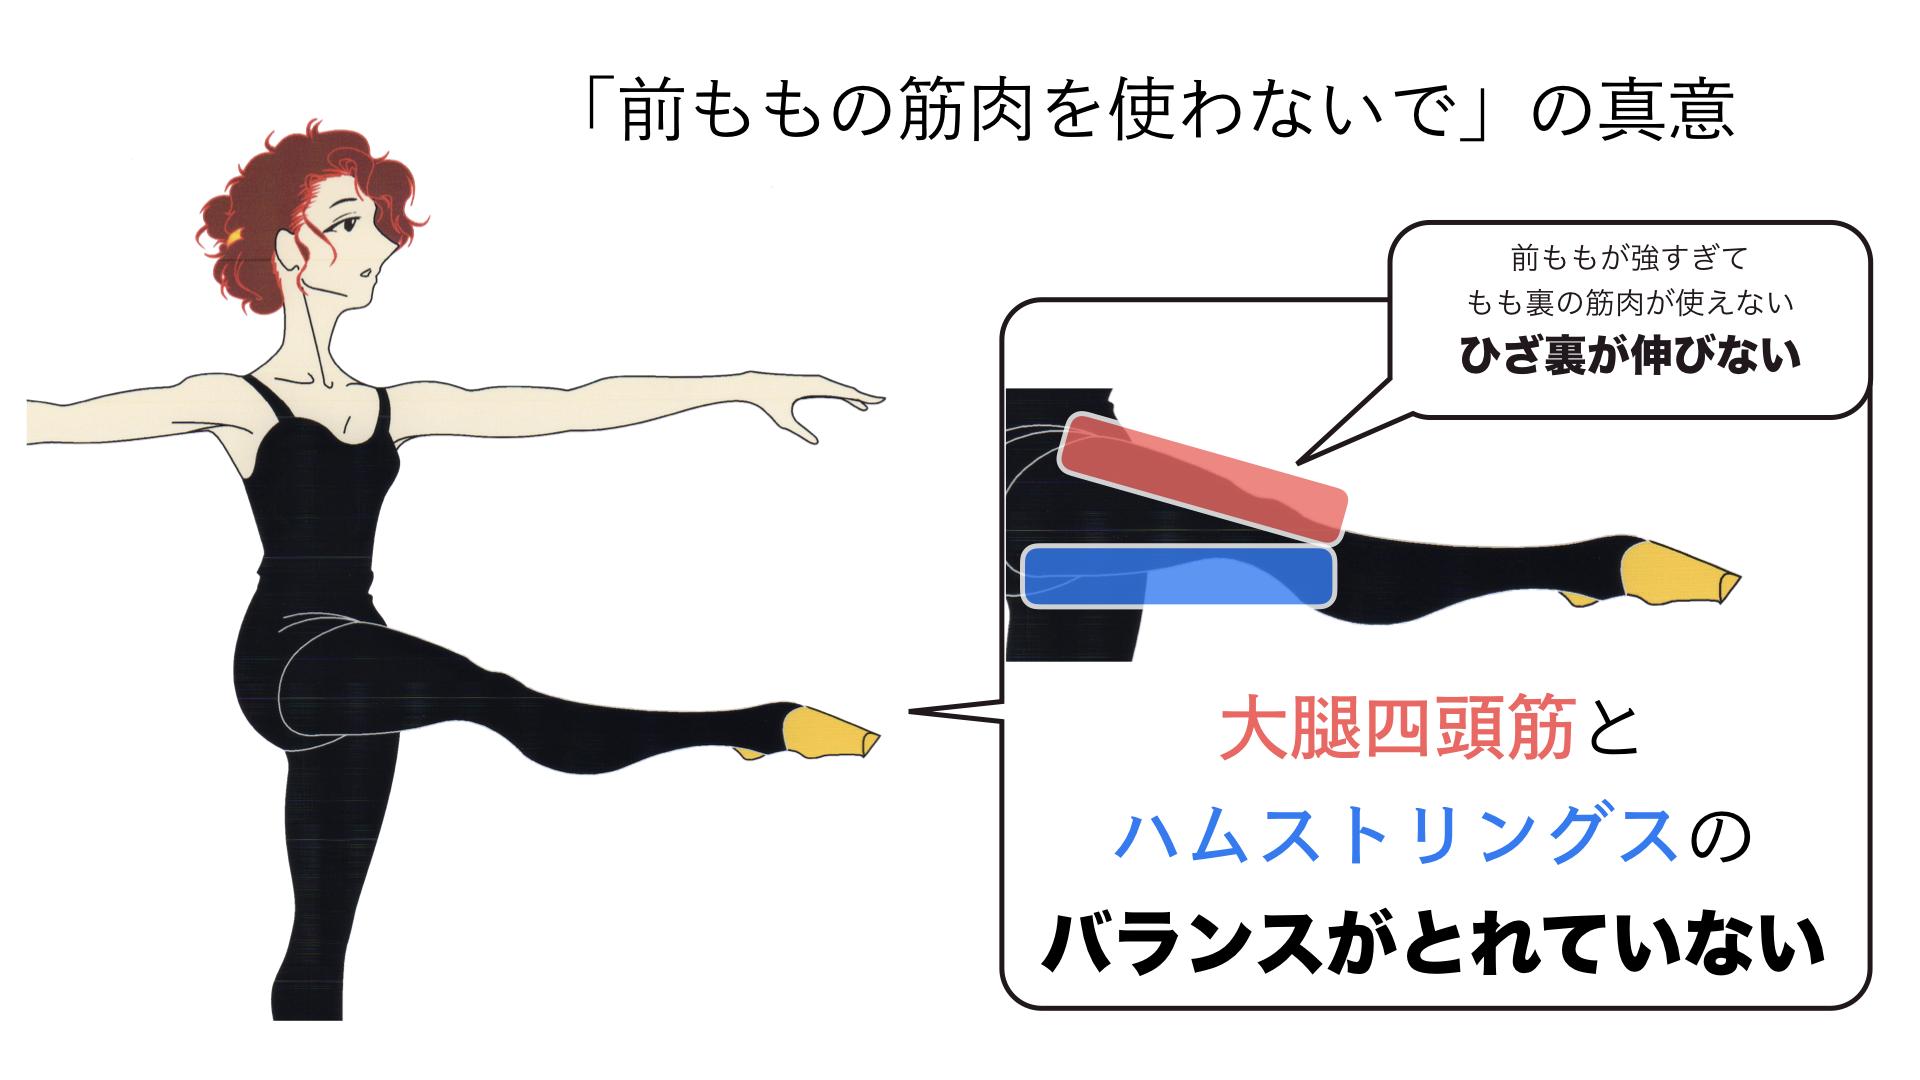 バレエで前もも使わないの意味(2)大腿四頭筋とハムストリングスのバランス